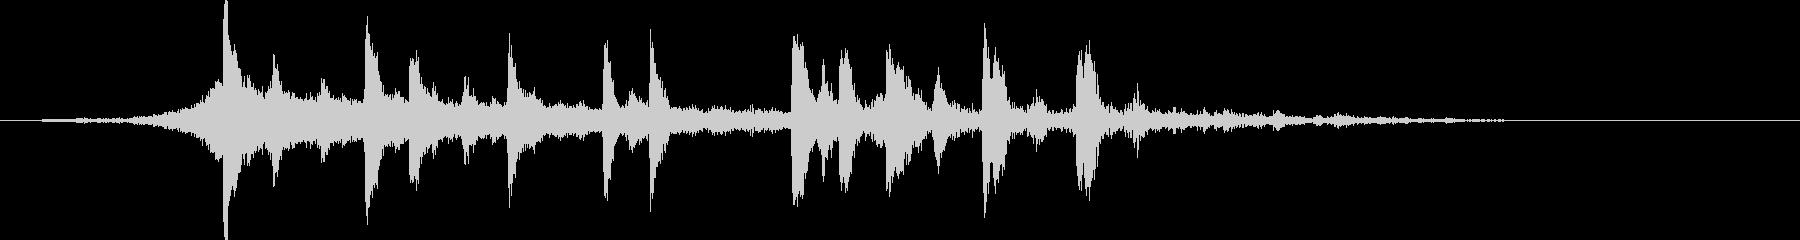 企業 ジングル サウンドロゴの未再生の波形